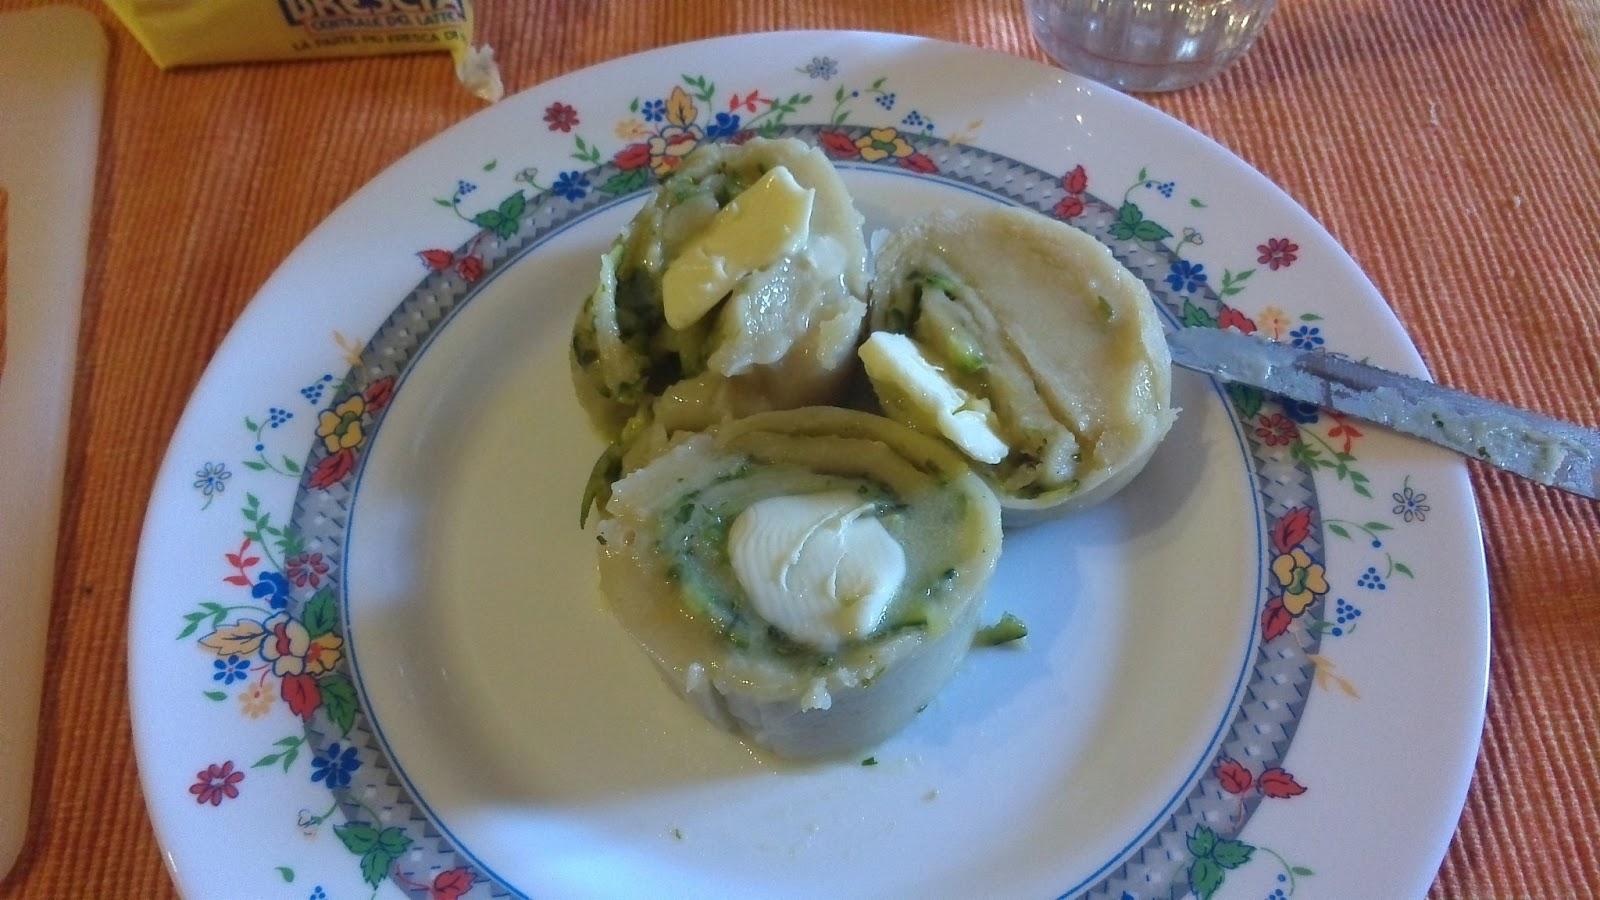 La cucina di gloria il rotolo di pasta con le zucchine - Cucina gloria mercatone uno ...